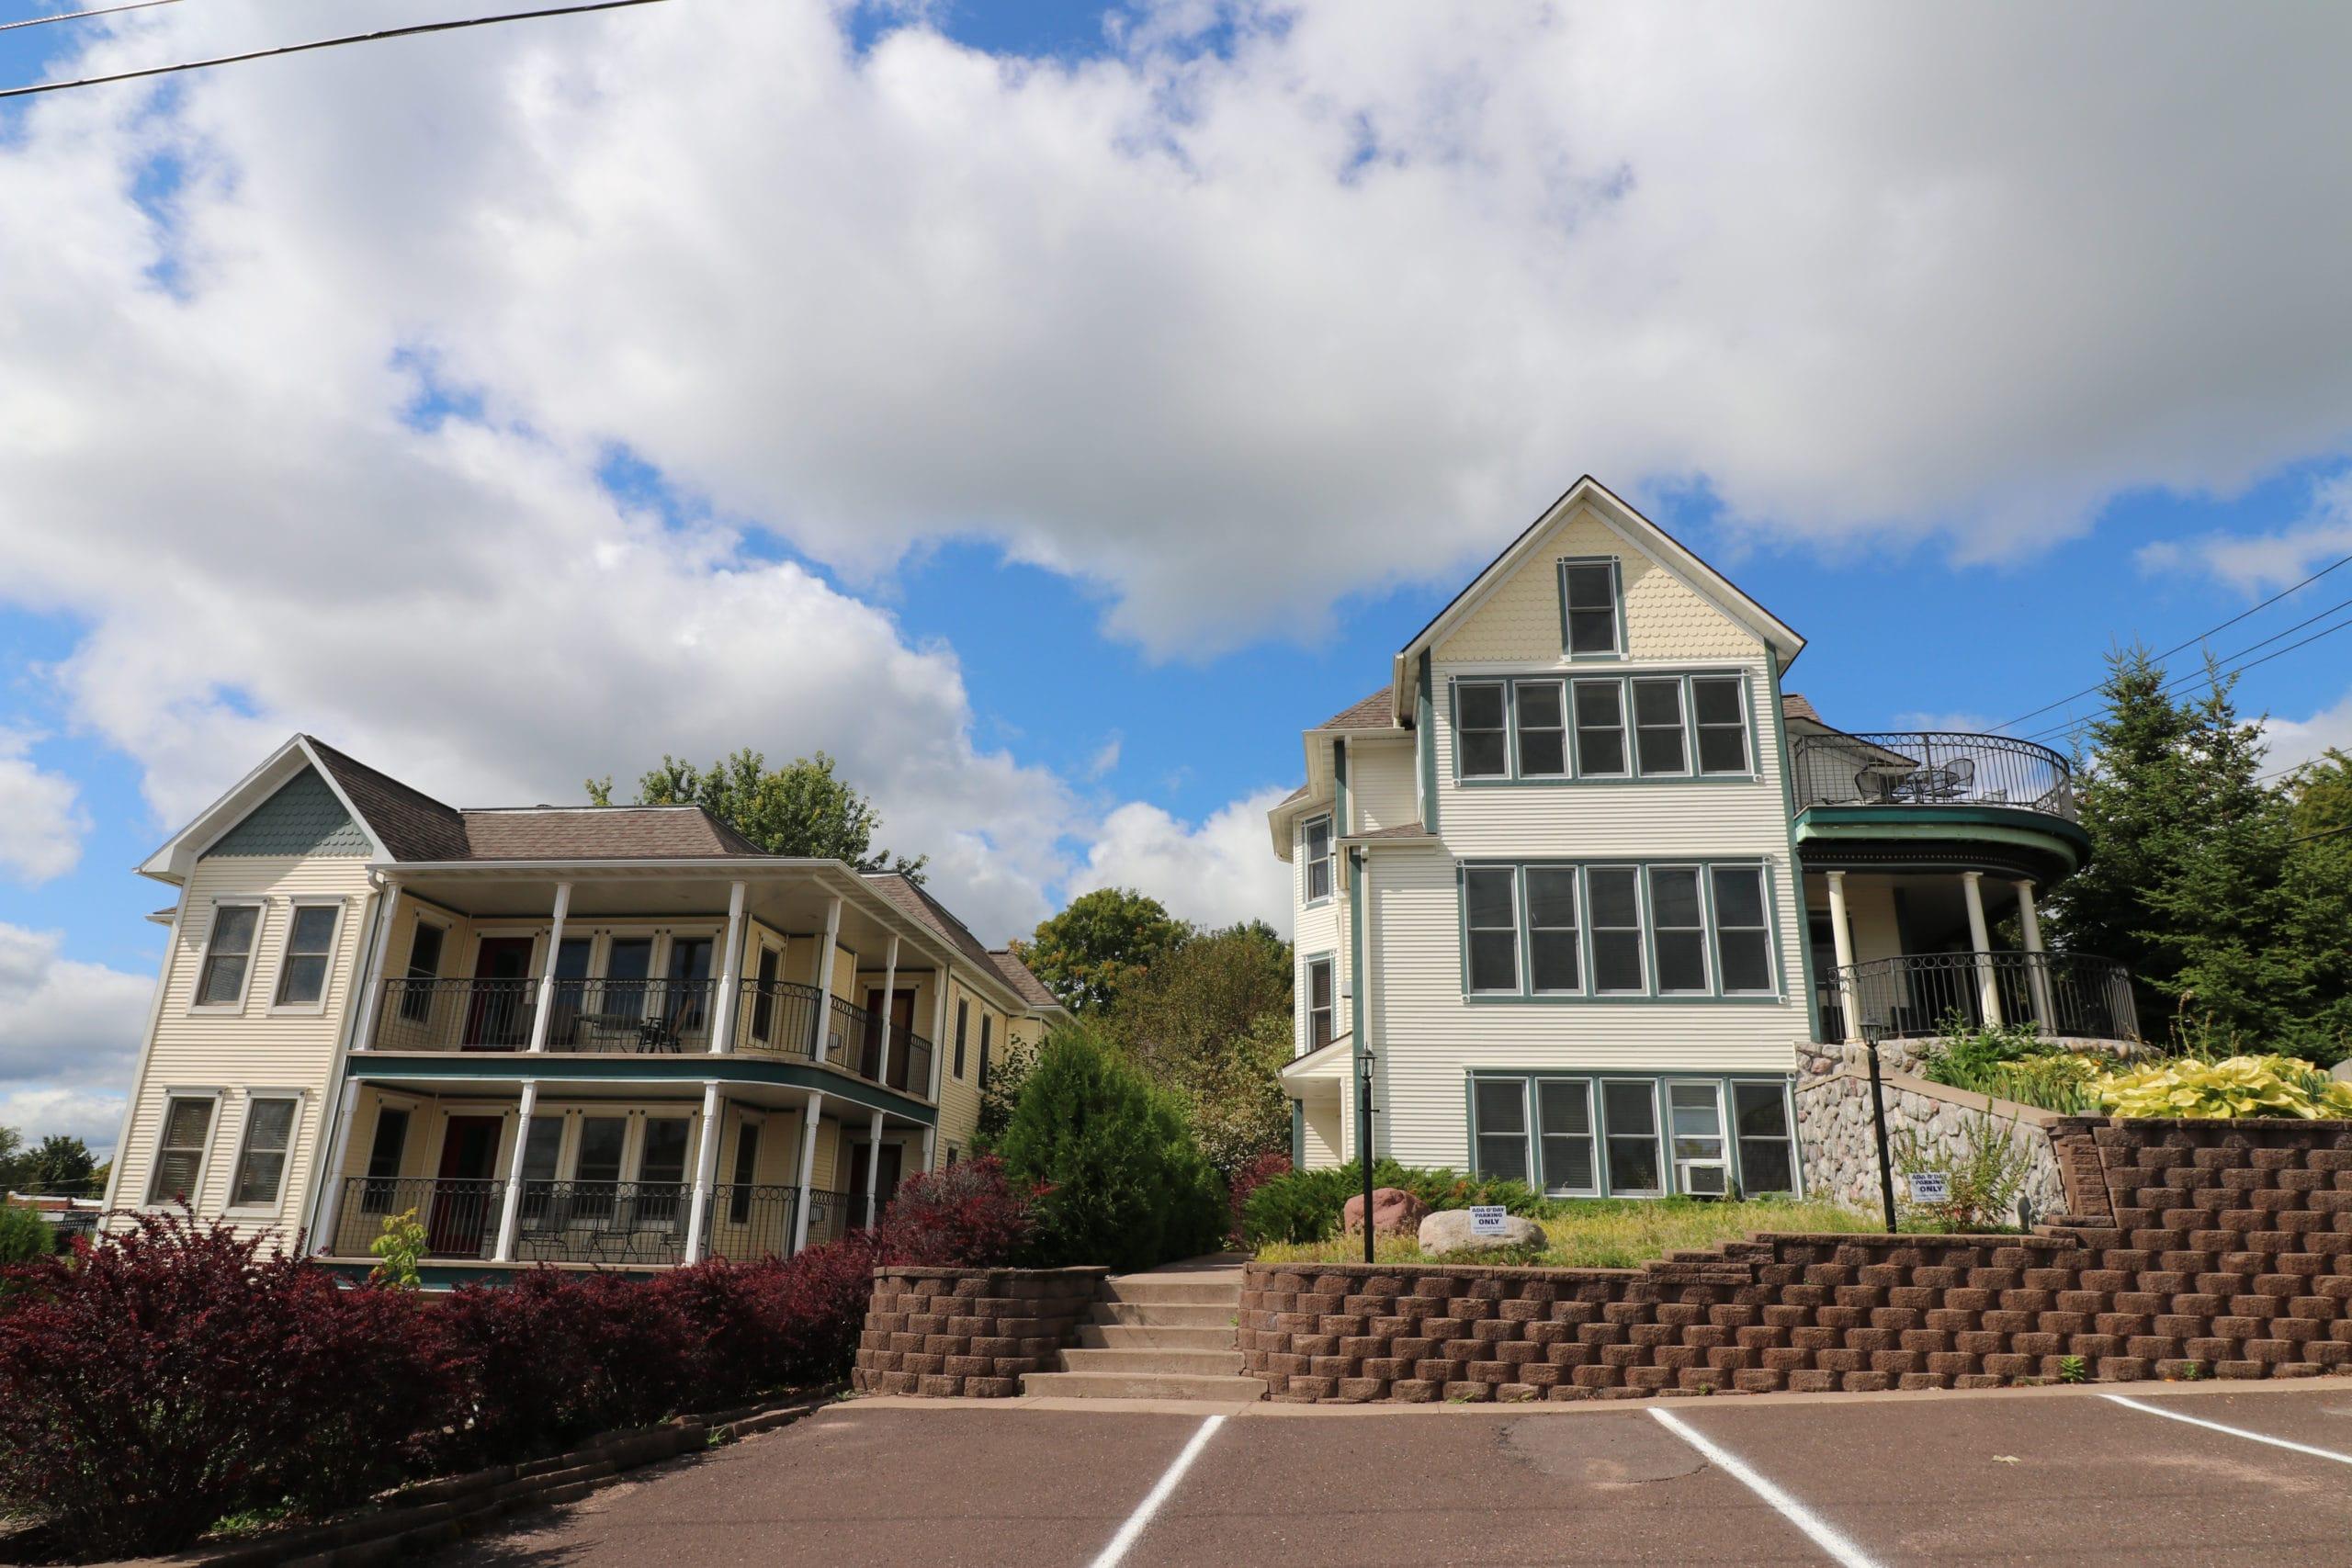 condominiums in bayfield, wi